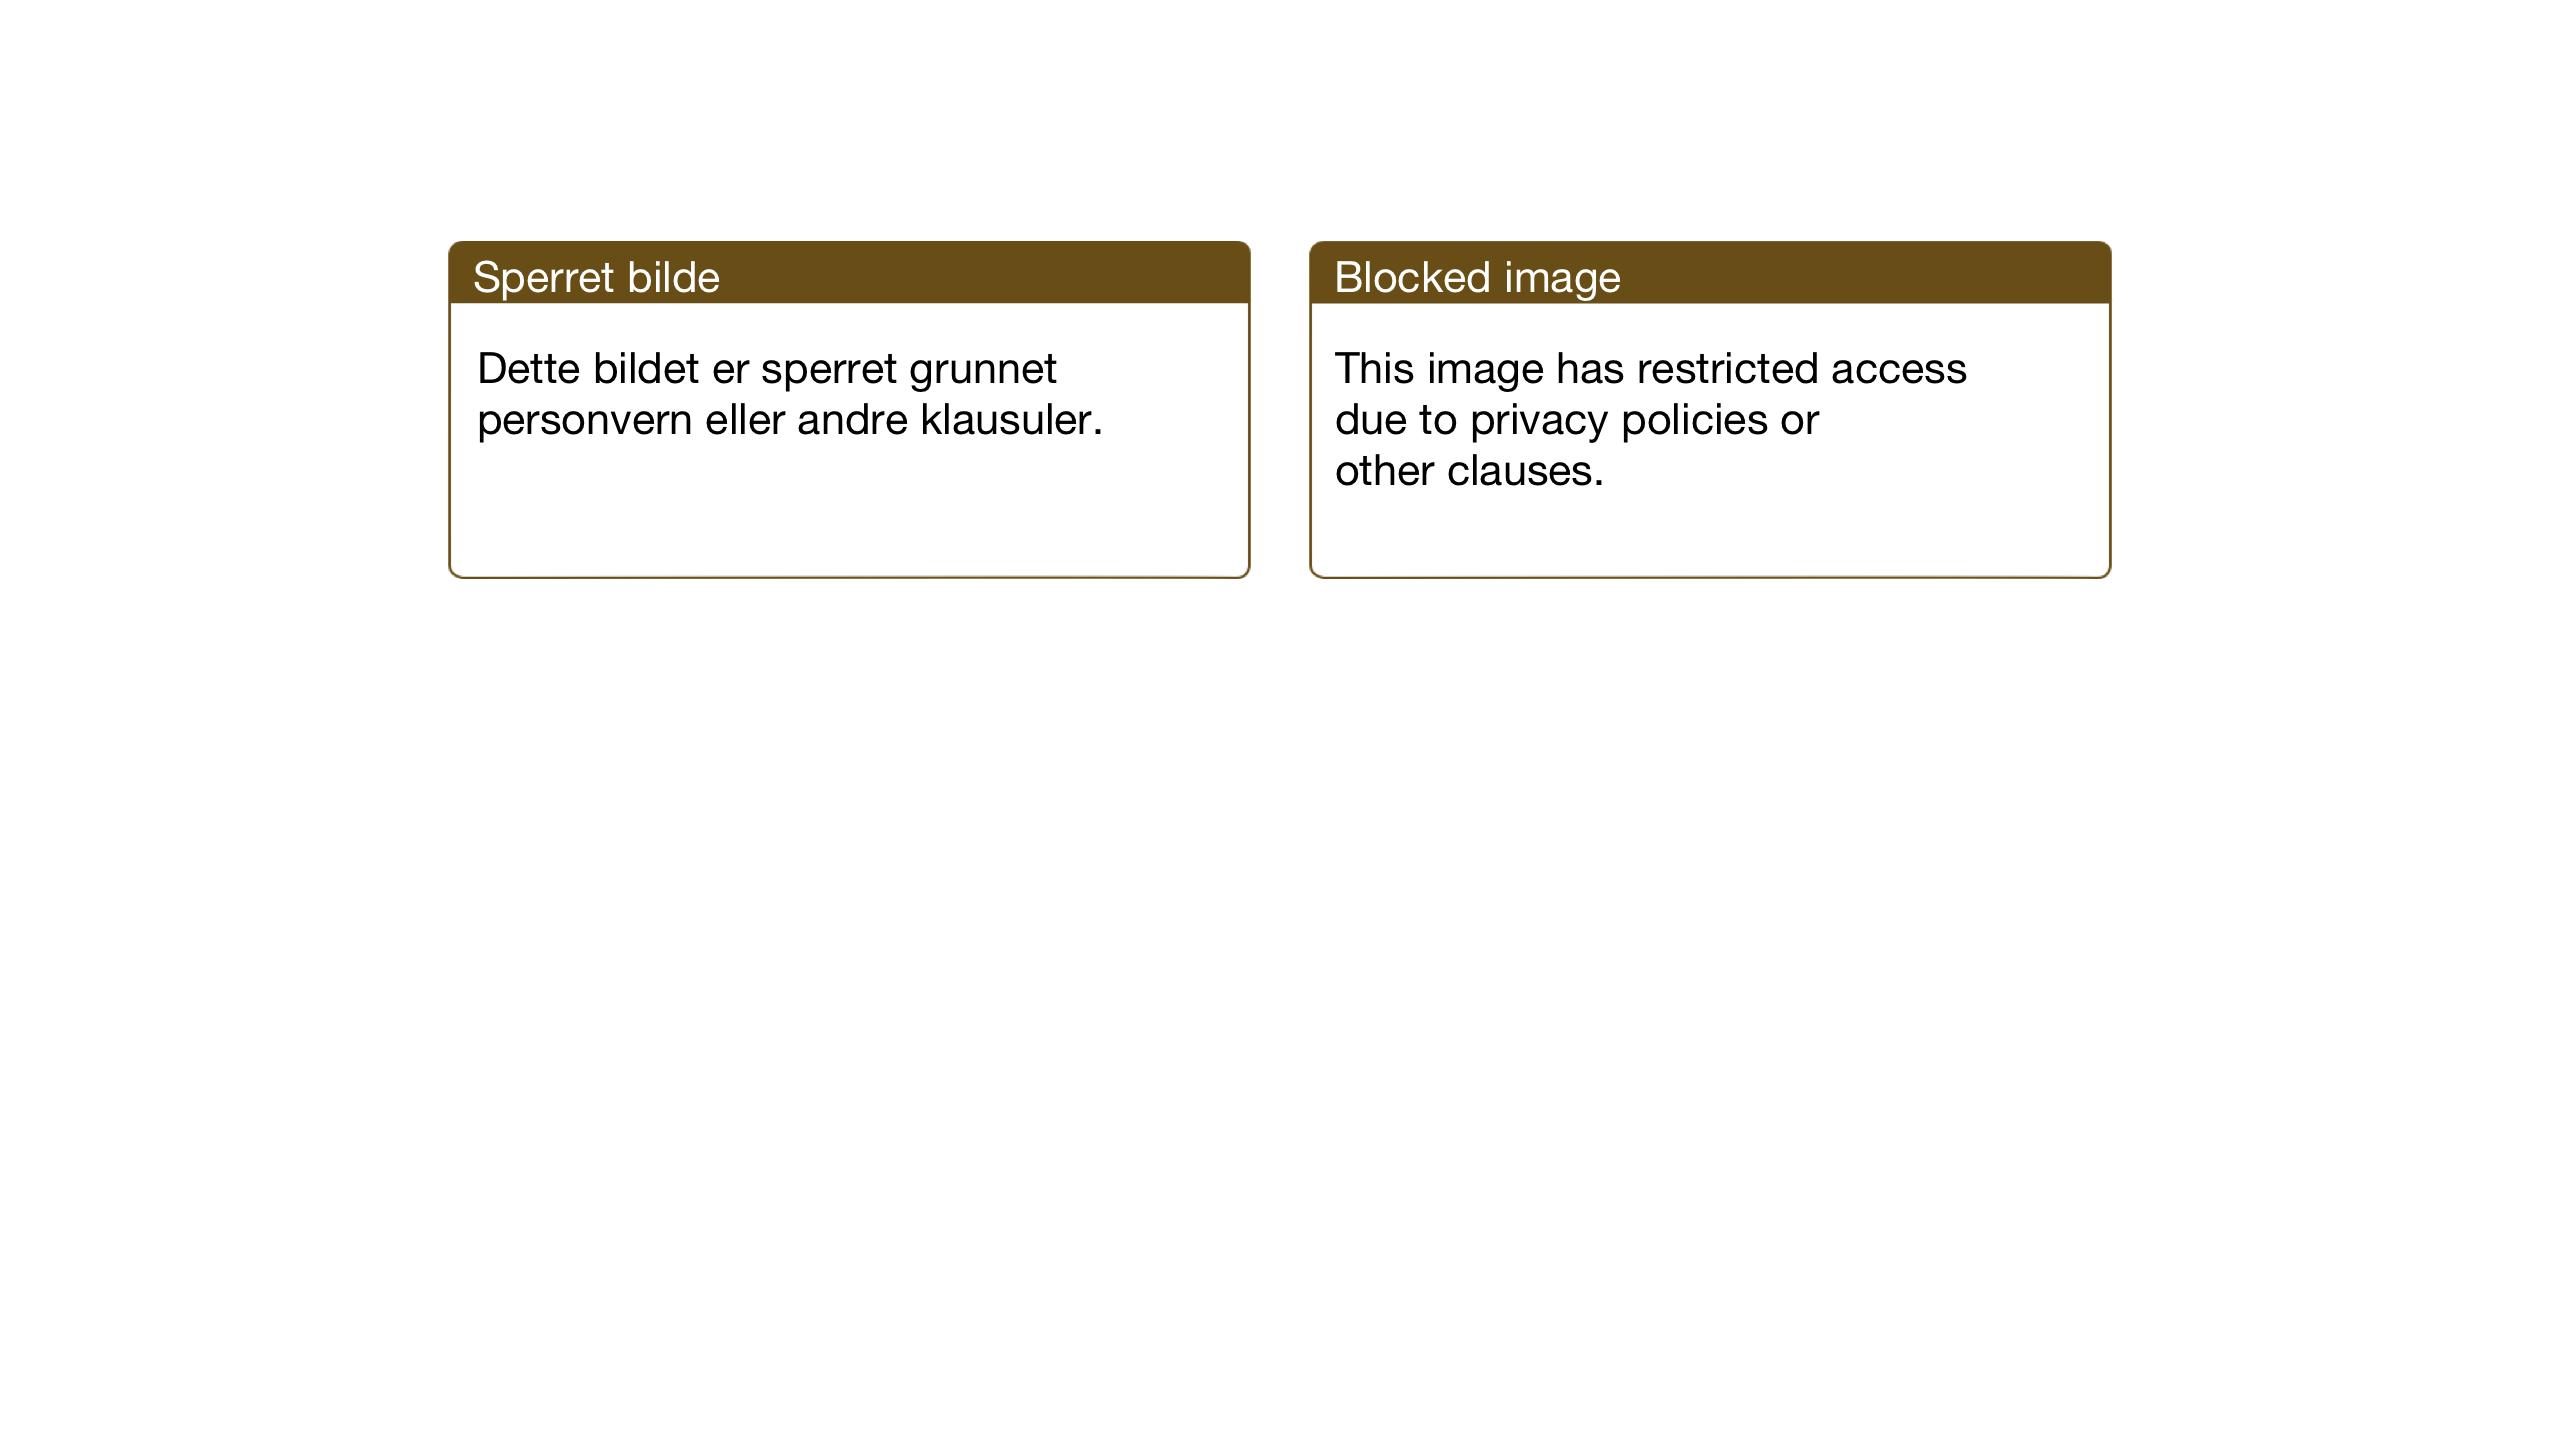 SAT, Ministerialprotokoller, klokkerbøker og fødselsregistre - Nord-Trøndelag, 732/L0319: Klokkerbok nr. 732C03, 1911-1945, s. 32